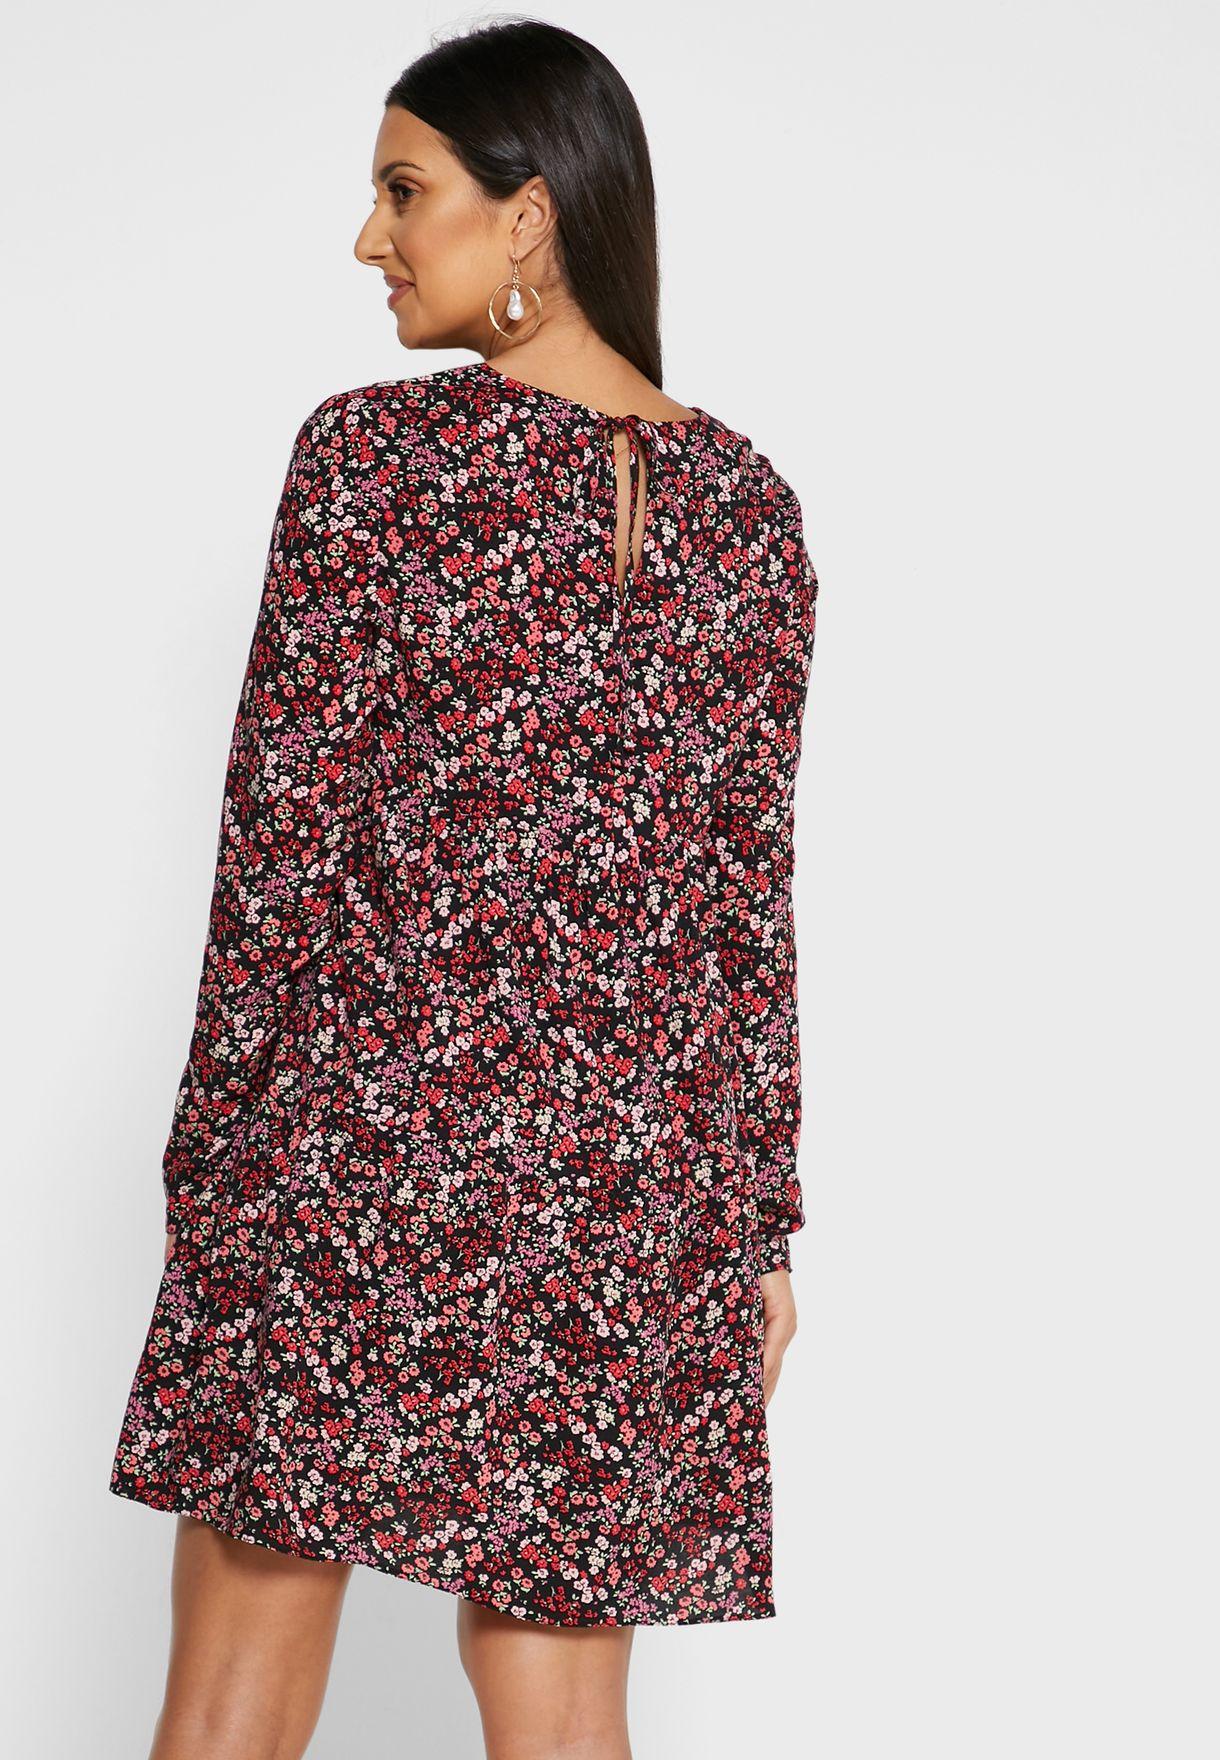 فستان بطبعات ازهار ناعمة